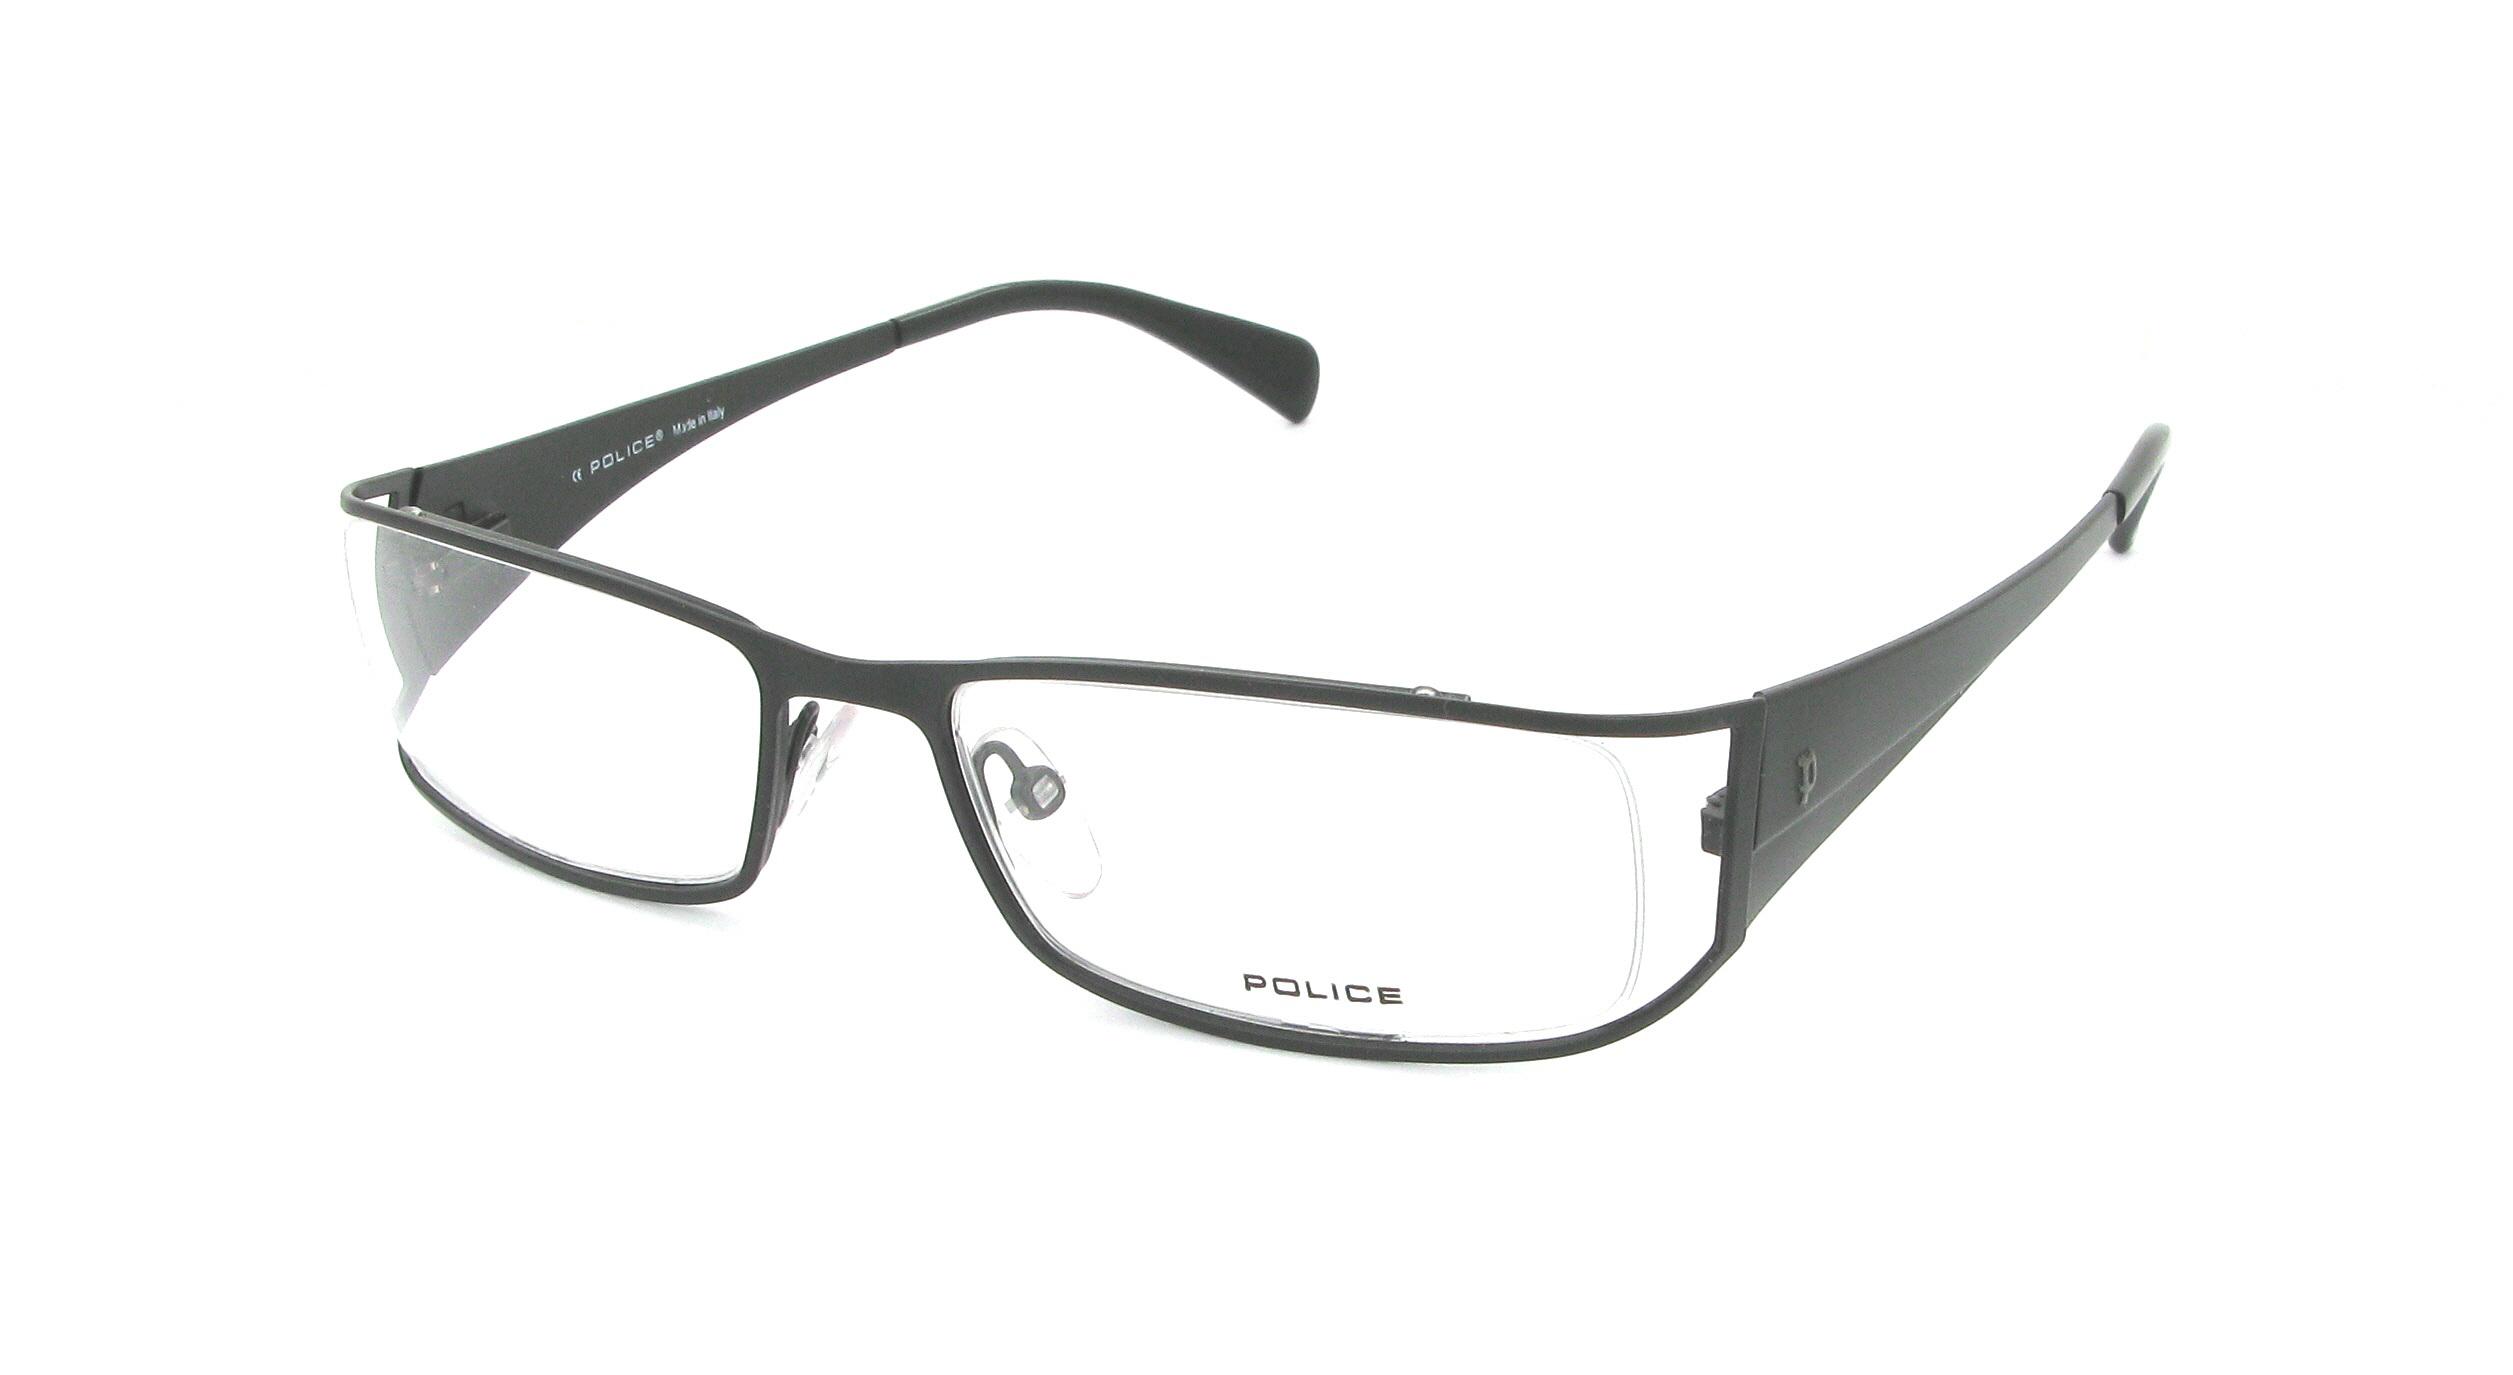 Lunettes de vue : que faire si vous cassez vos lunettes